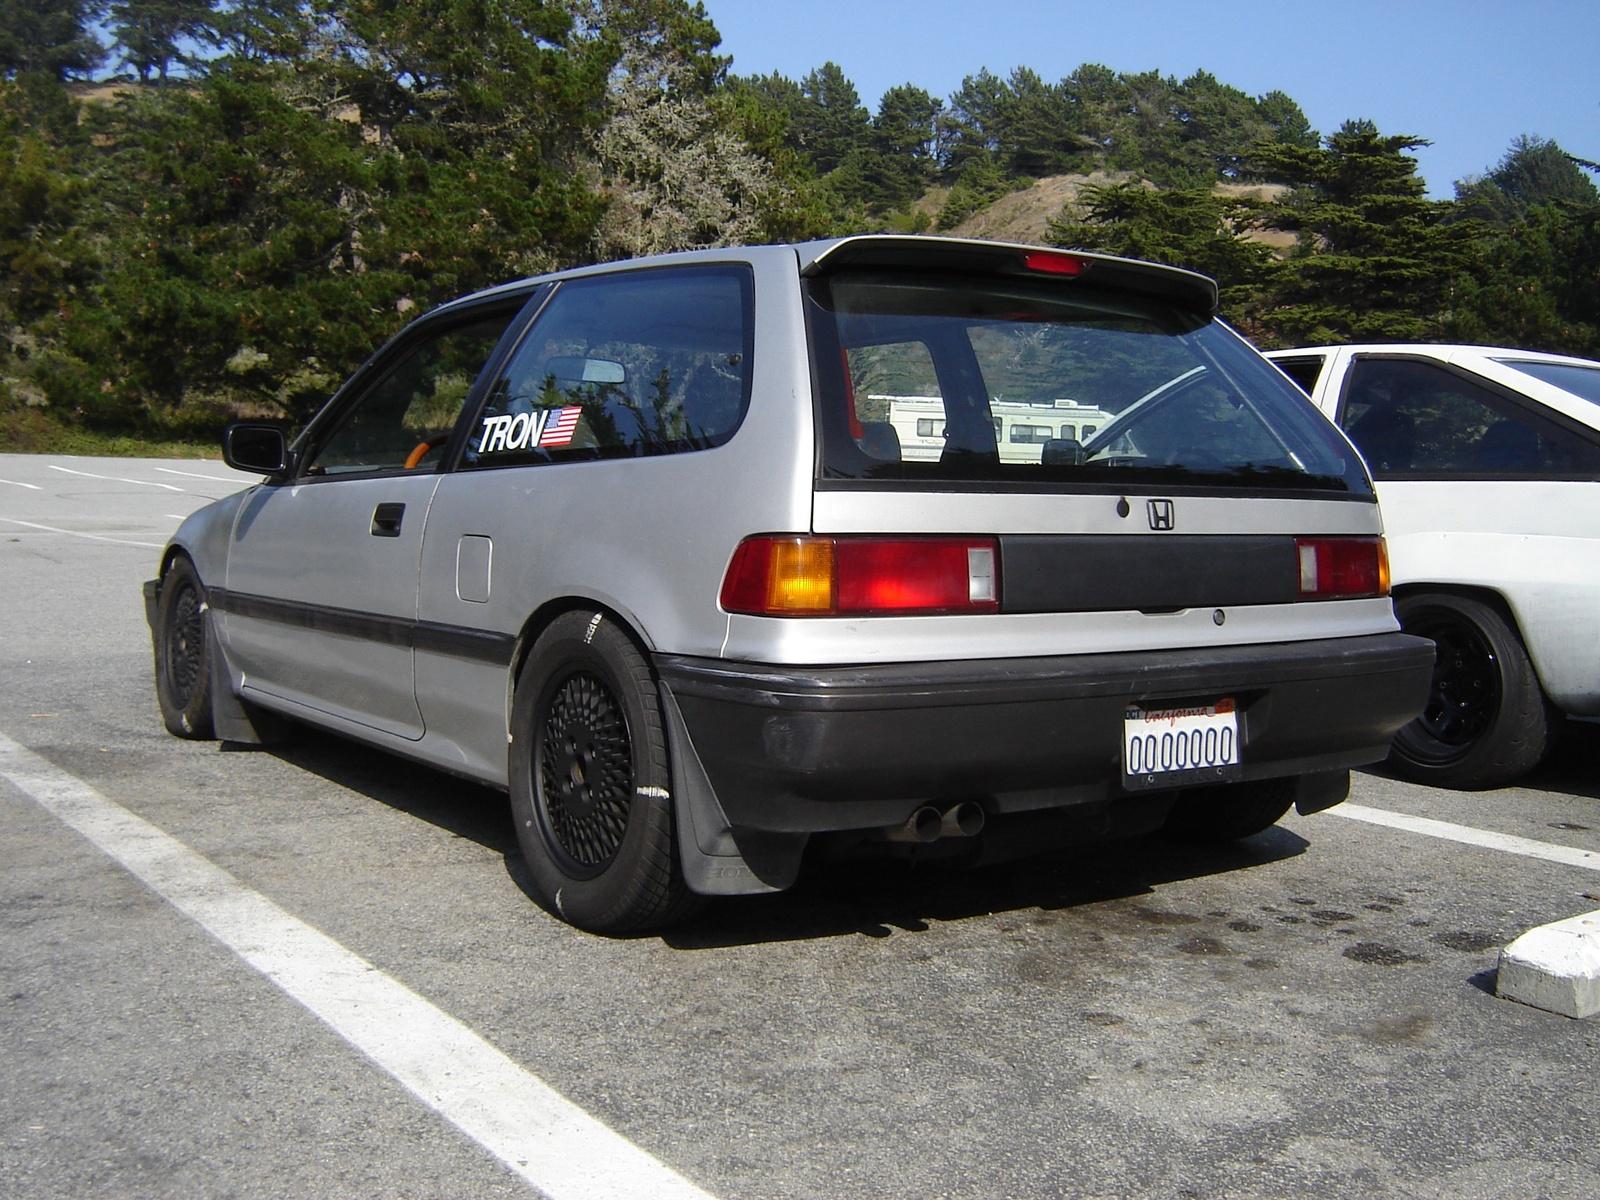 1989 Honda Civic - Exterior Pictures - CarGurus